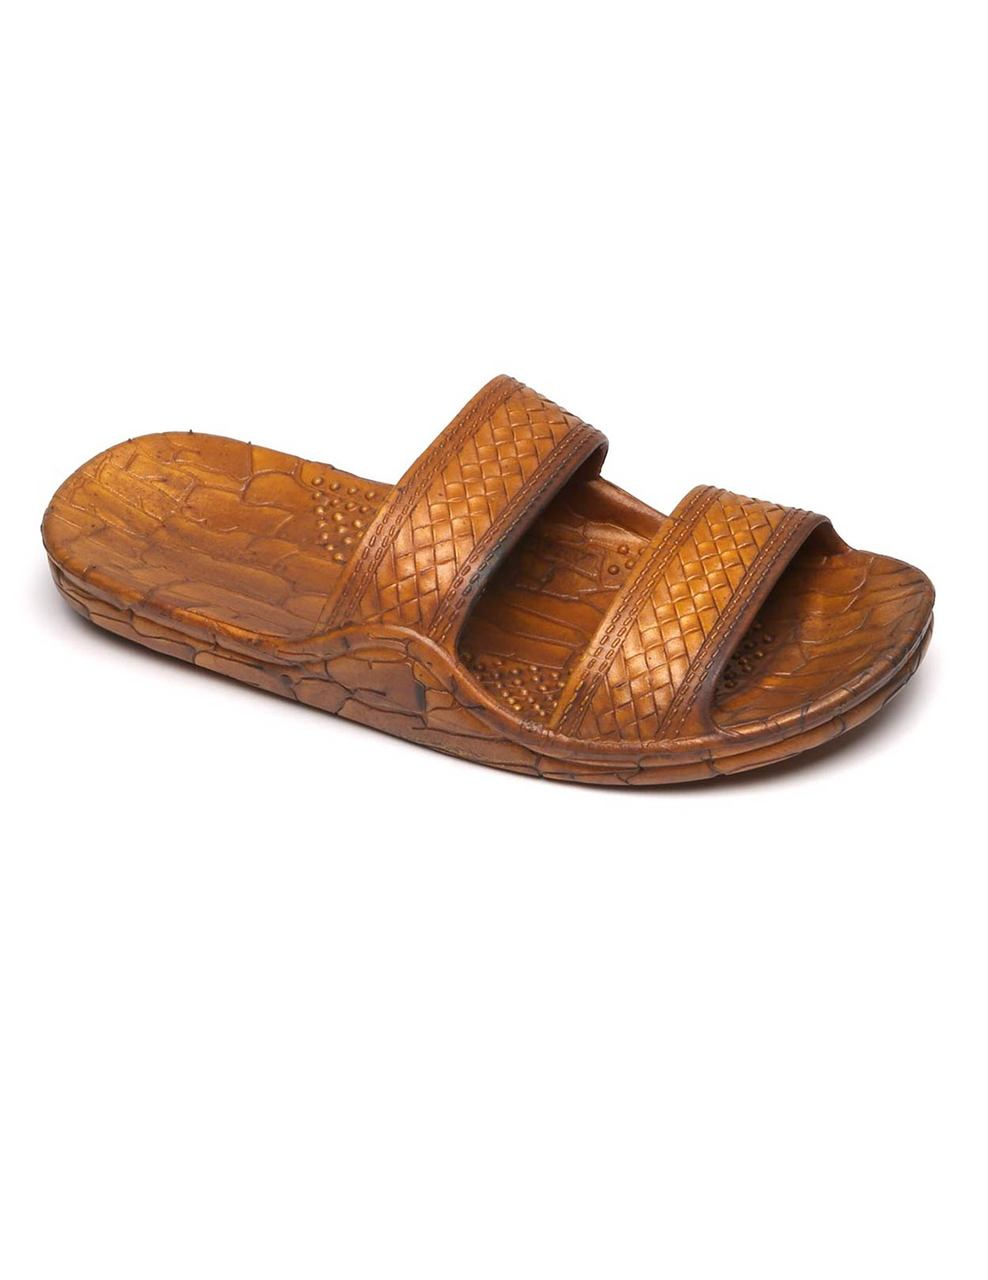 Jesus Sandals - Wide Comfort Fit